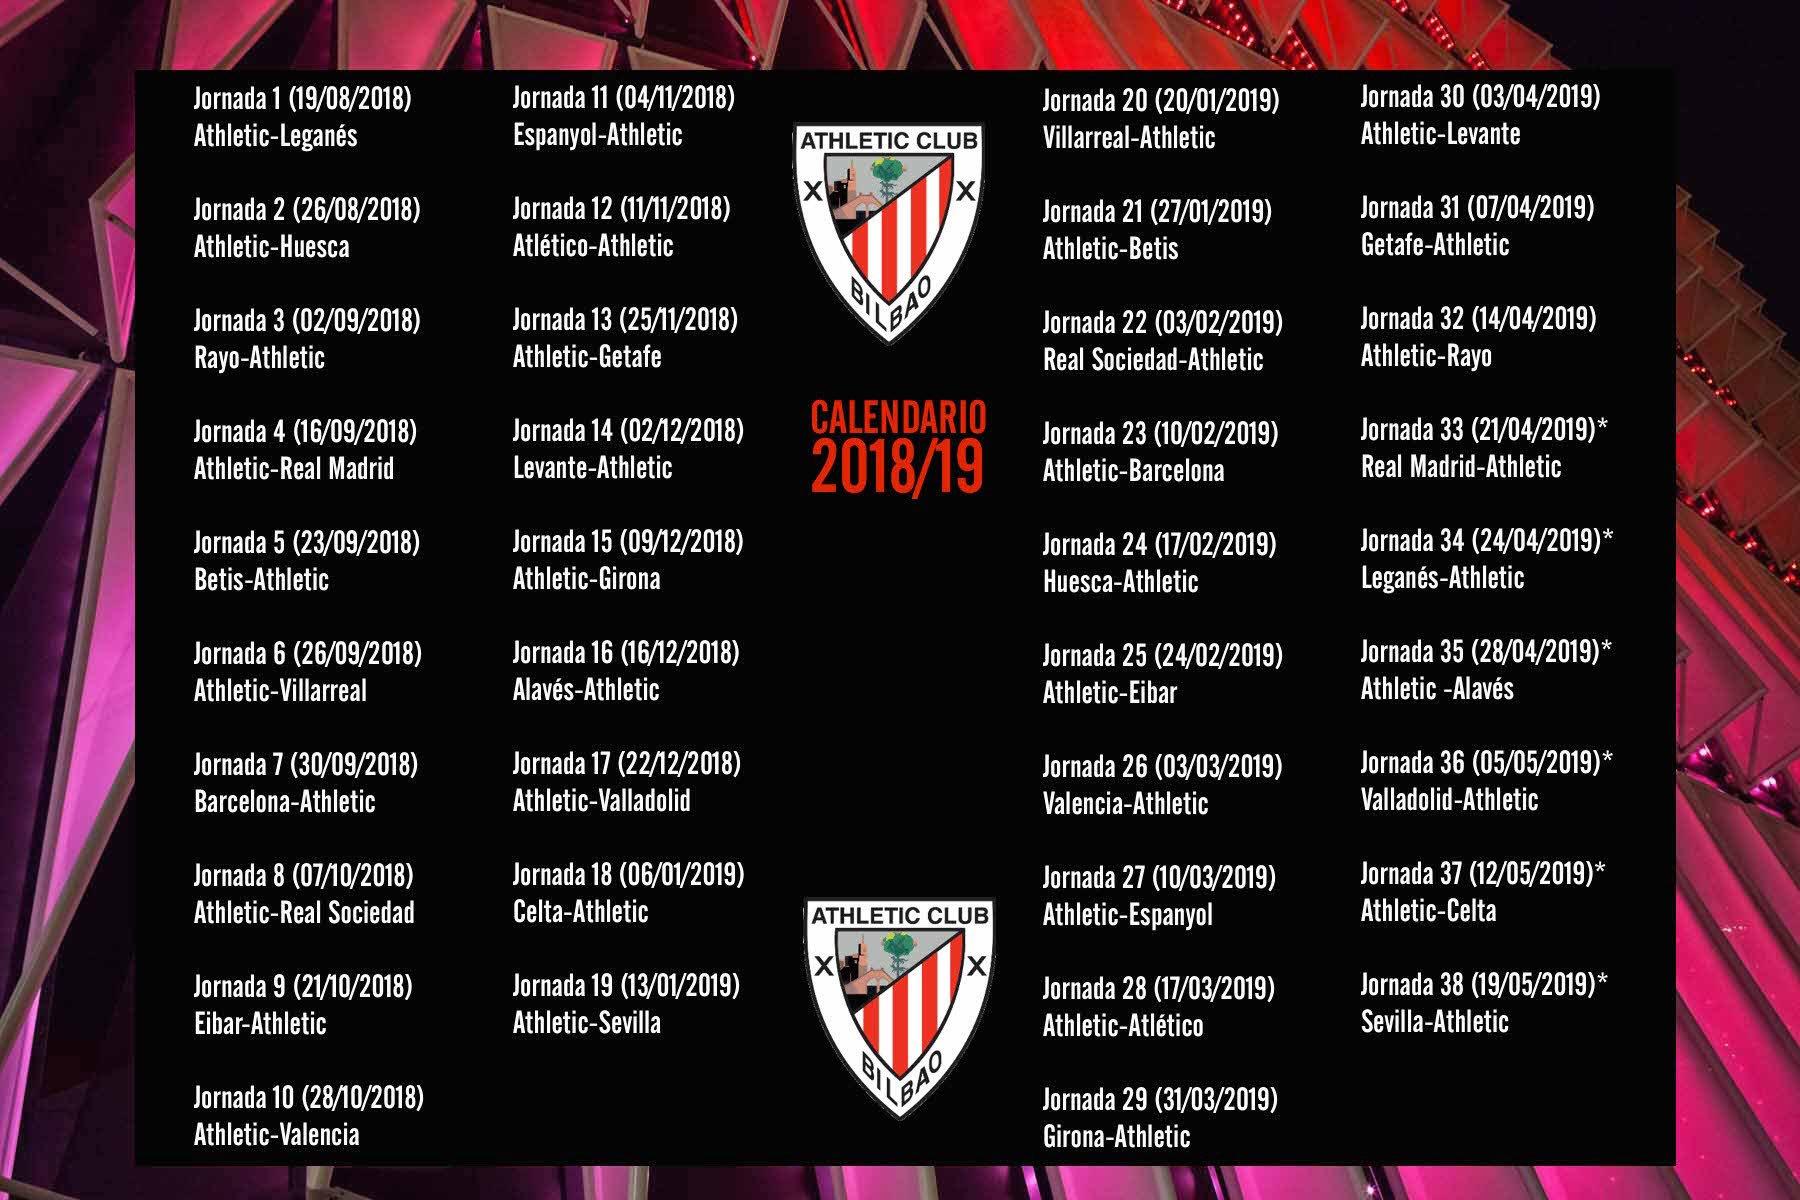 Athletic Bilbao Calendario.Calendario Liga 2018 19